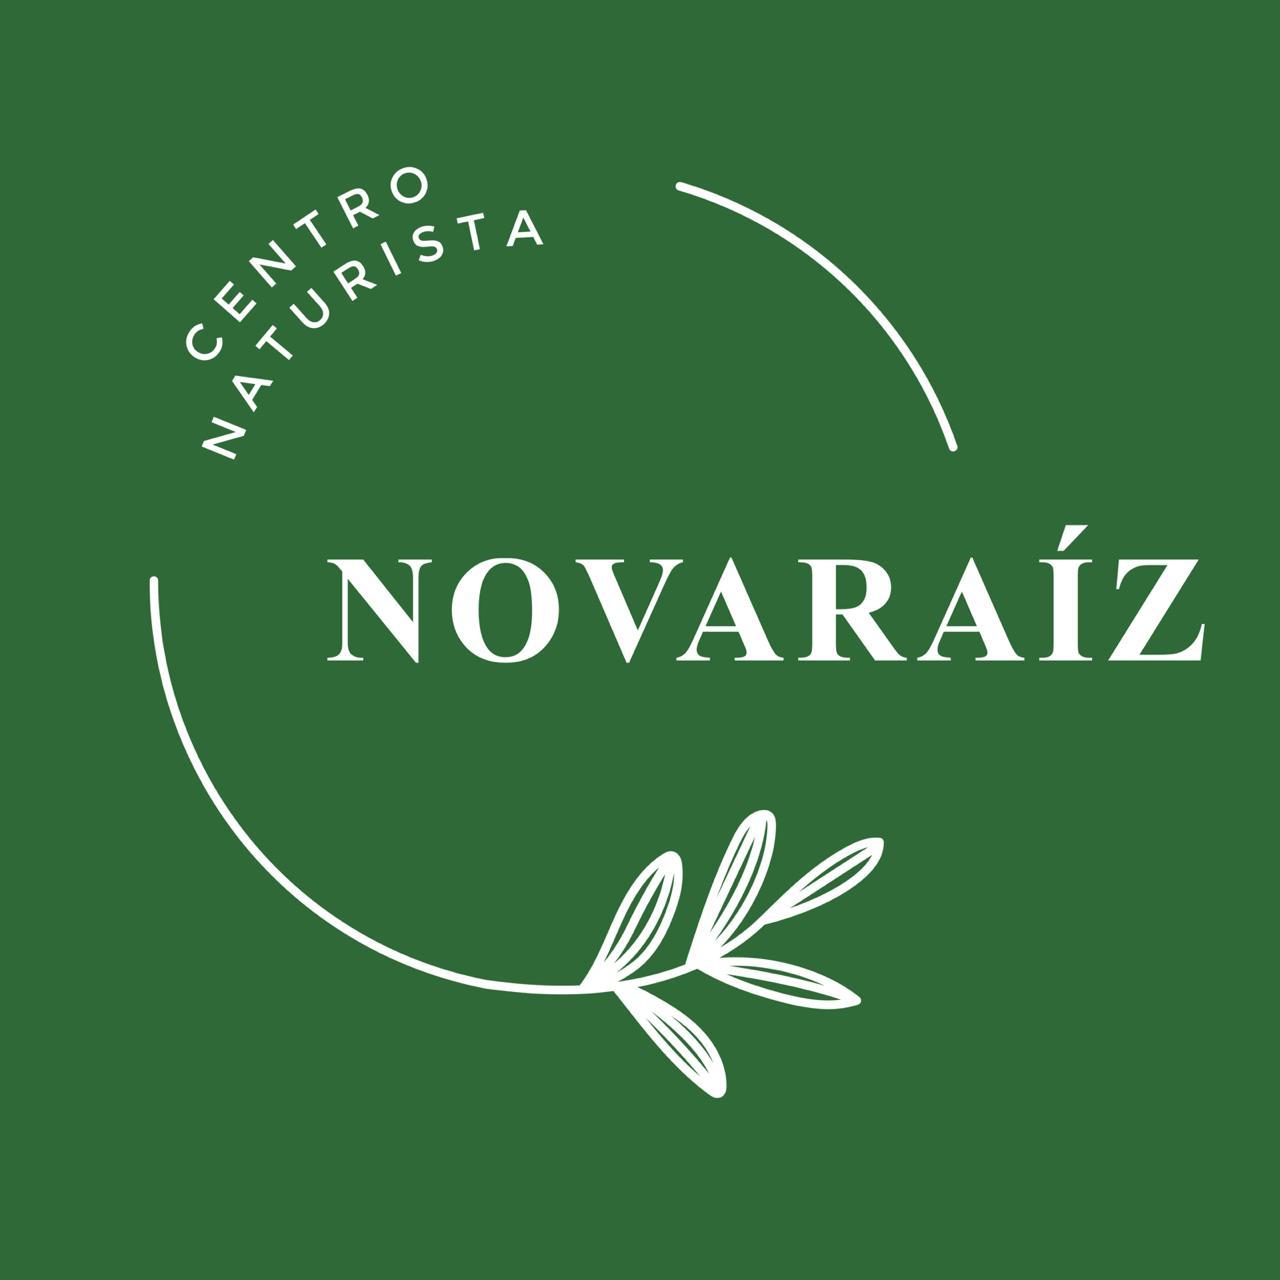 NOVARAIZ